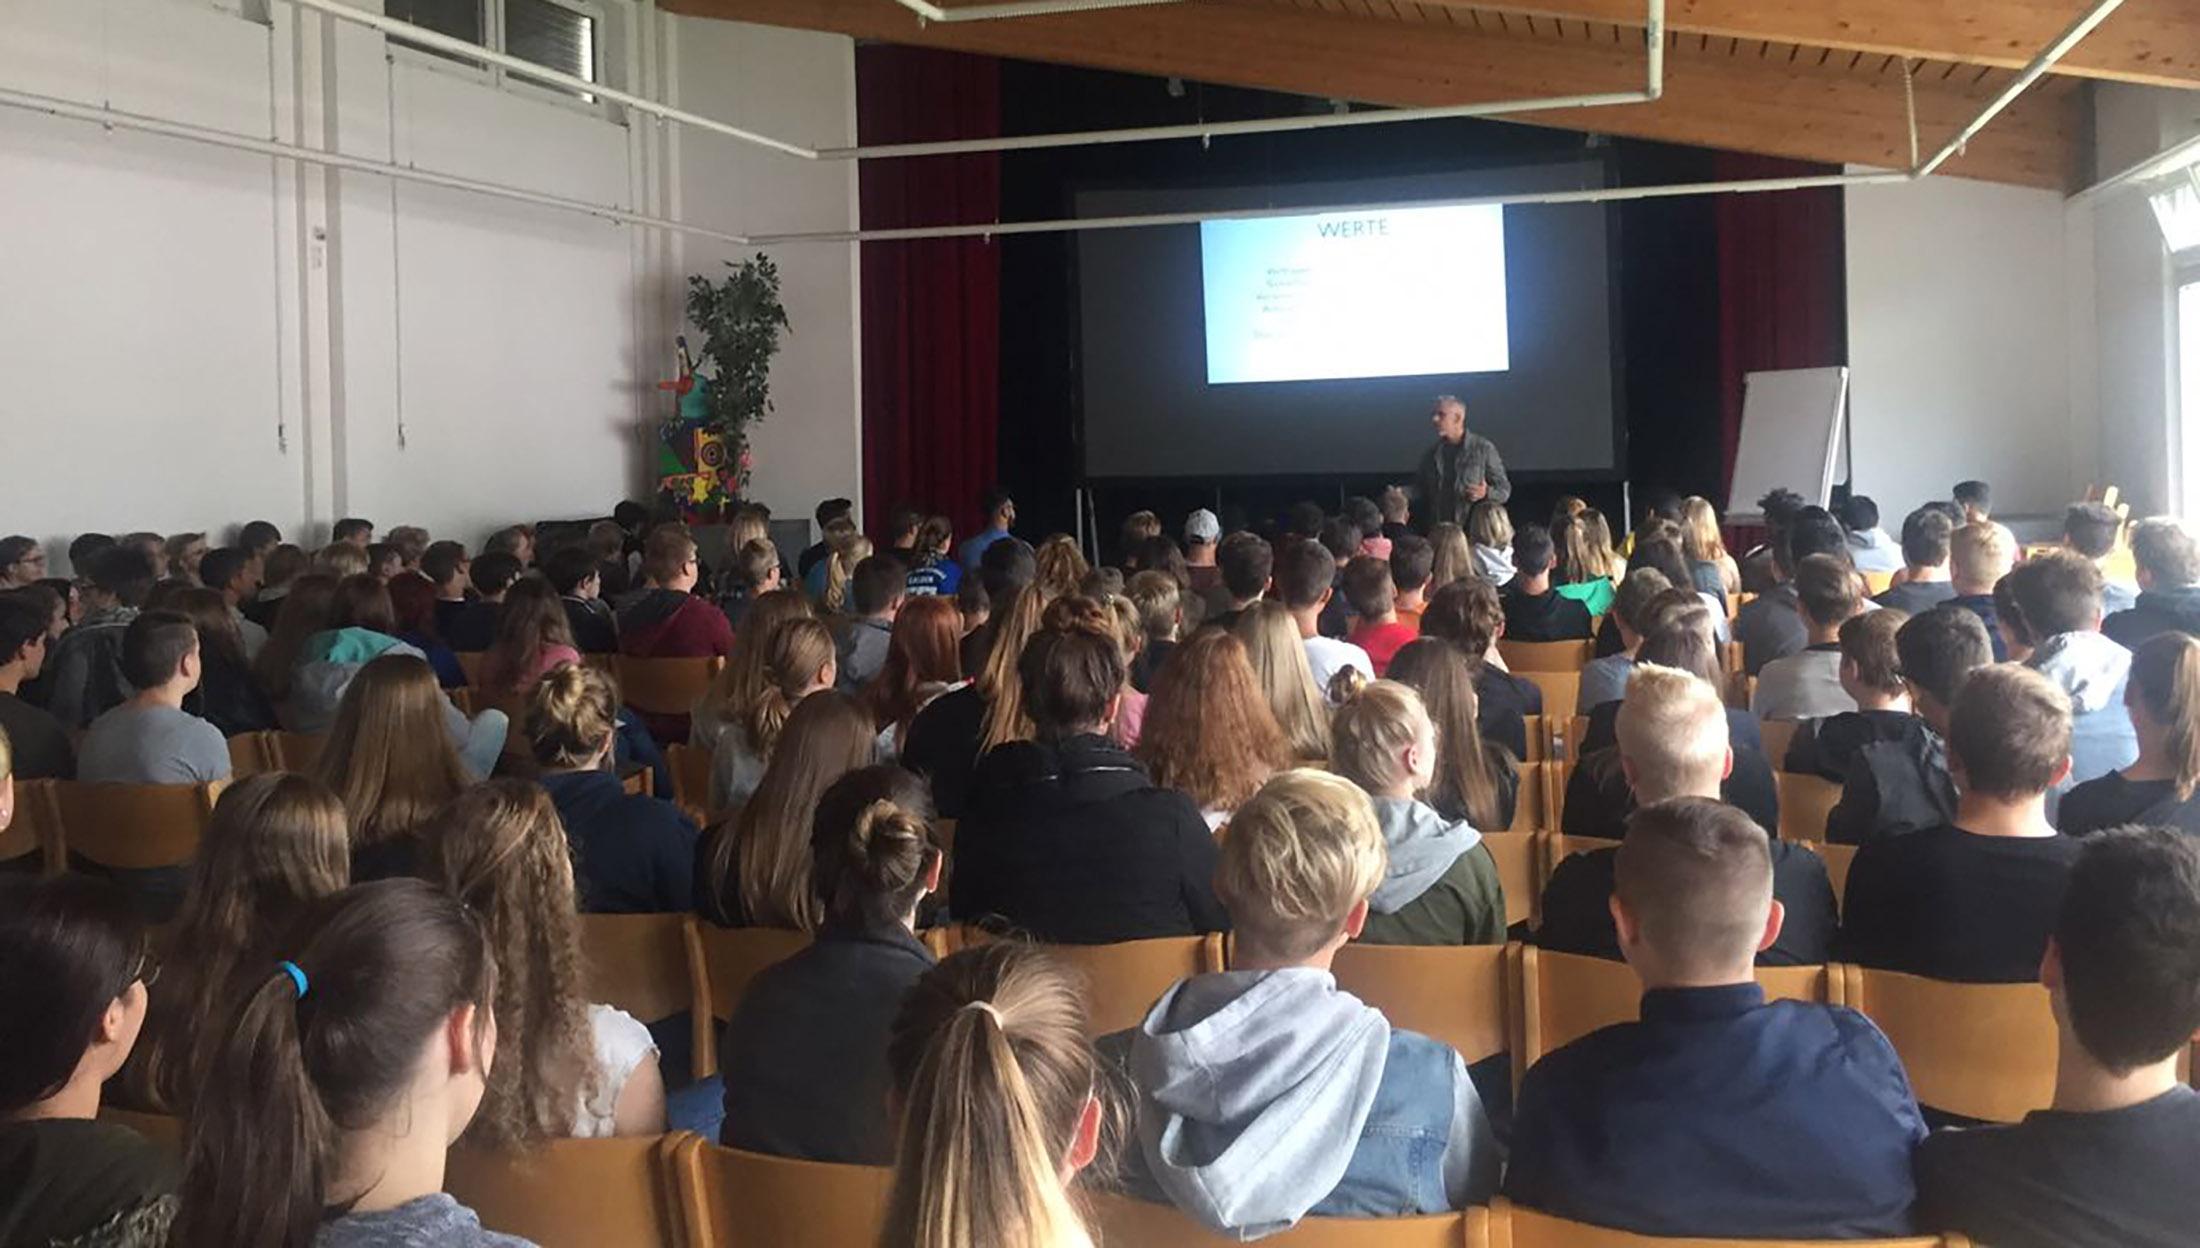 Key Note Speaker und Vortragsredner auf der Bühne und im Vordergrund sind Schüler